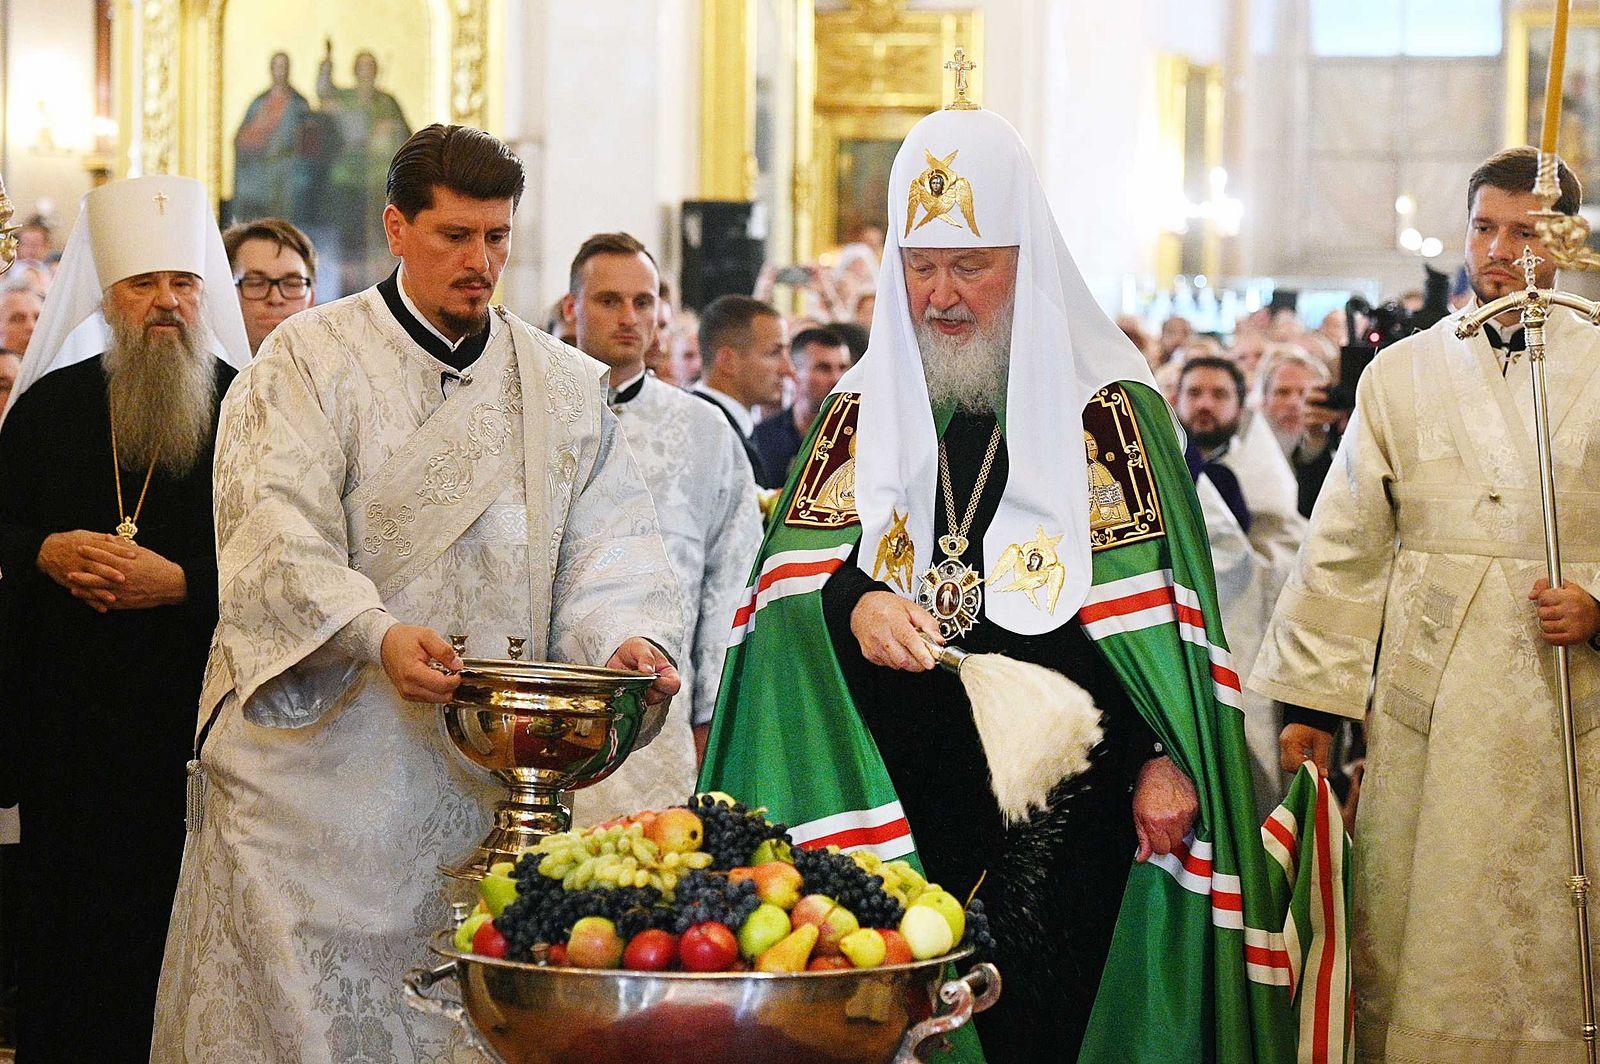 В праздник Преображения Господня Предстоятель Русской Церкви совершил Литургию в Спасо-Преображенском соборе г. Санкт-Петербурга